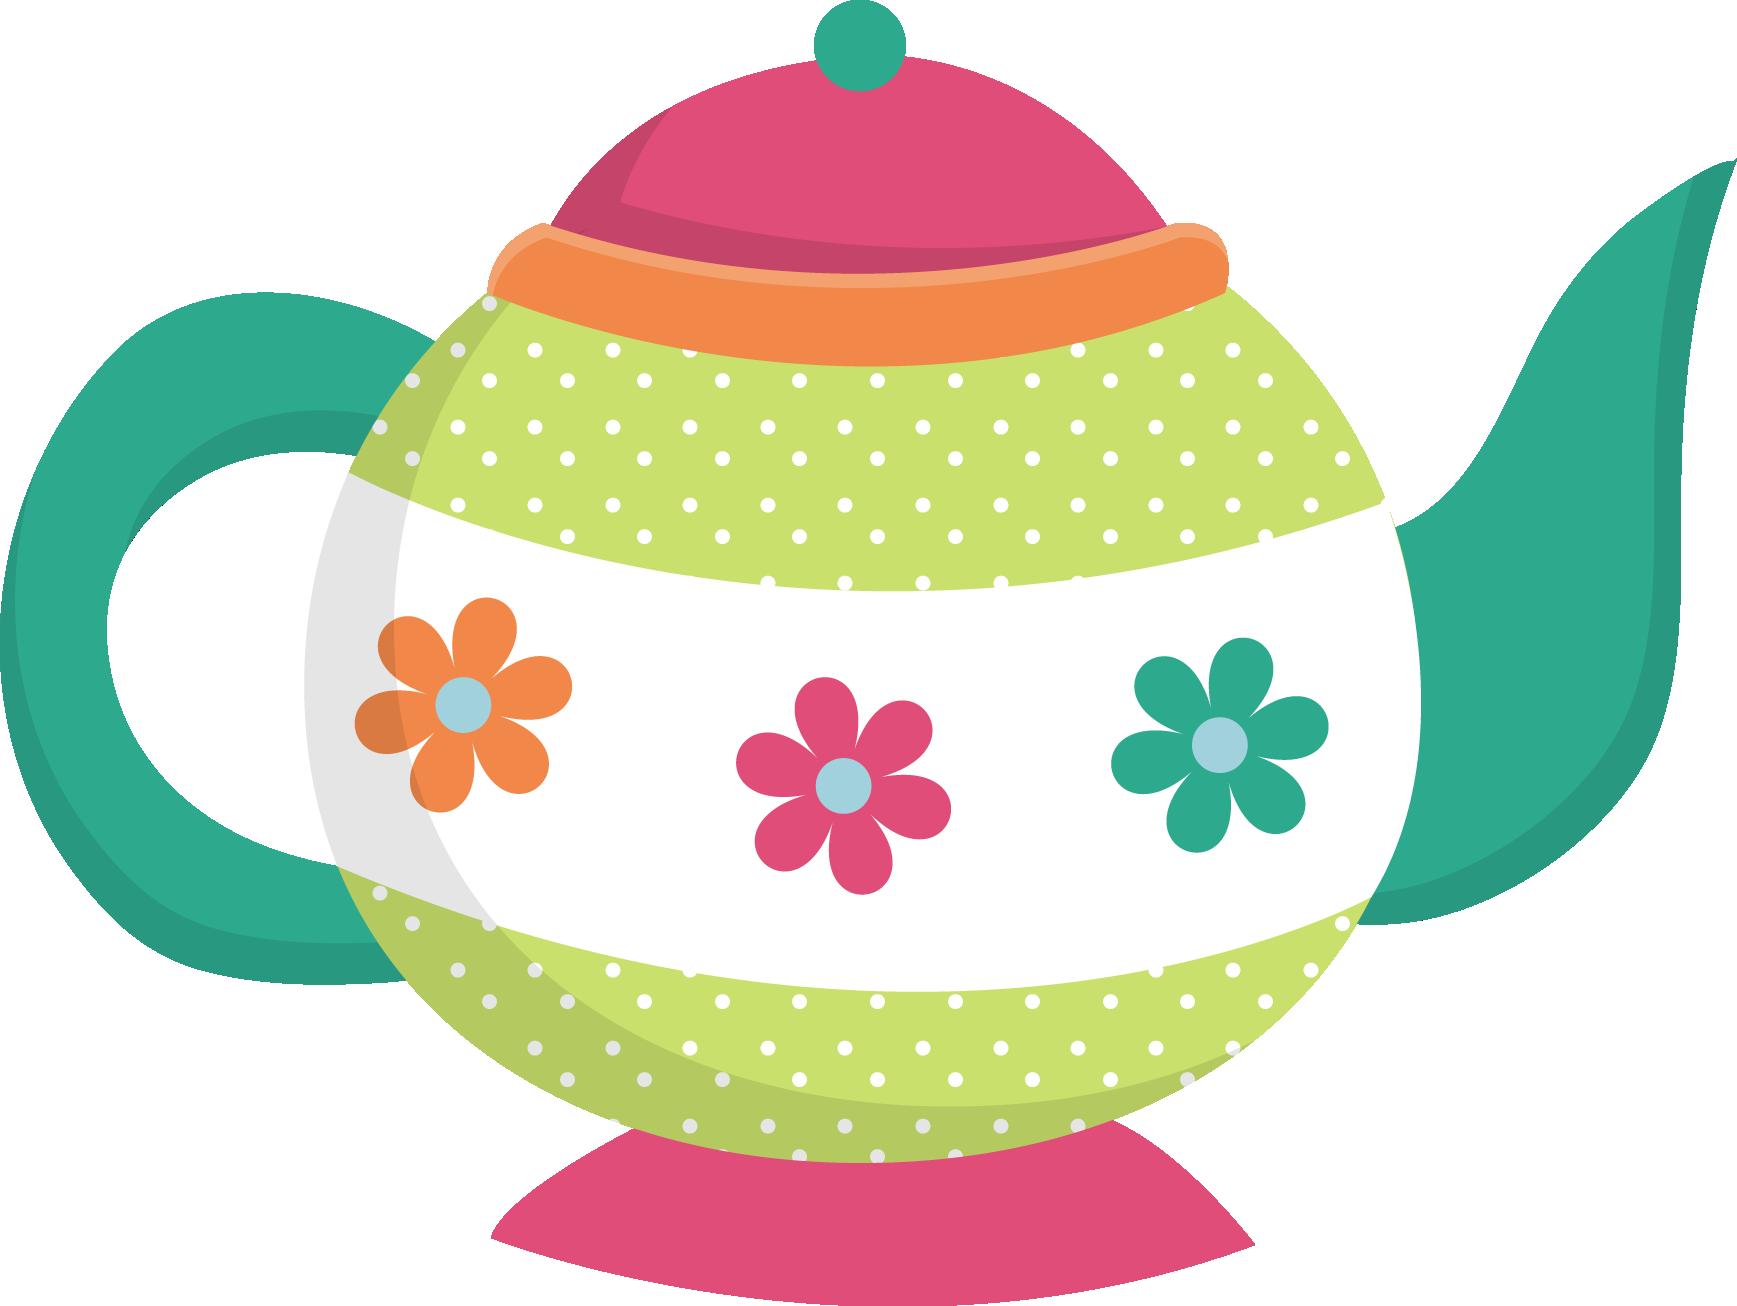 1737x1306 Tea Pot Clip Art Cliparts Co Tea Pot Clip Art 1737 1306 Wi Flyers